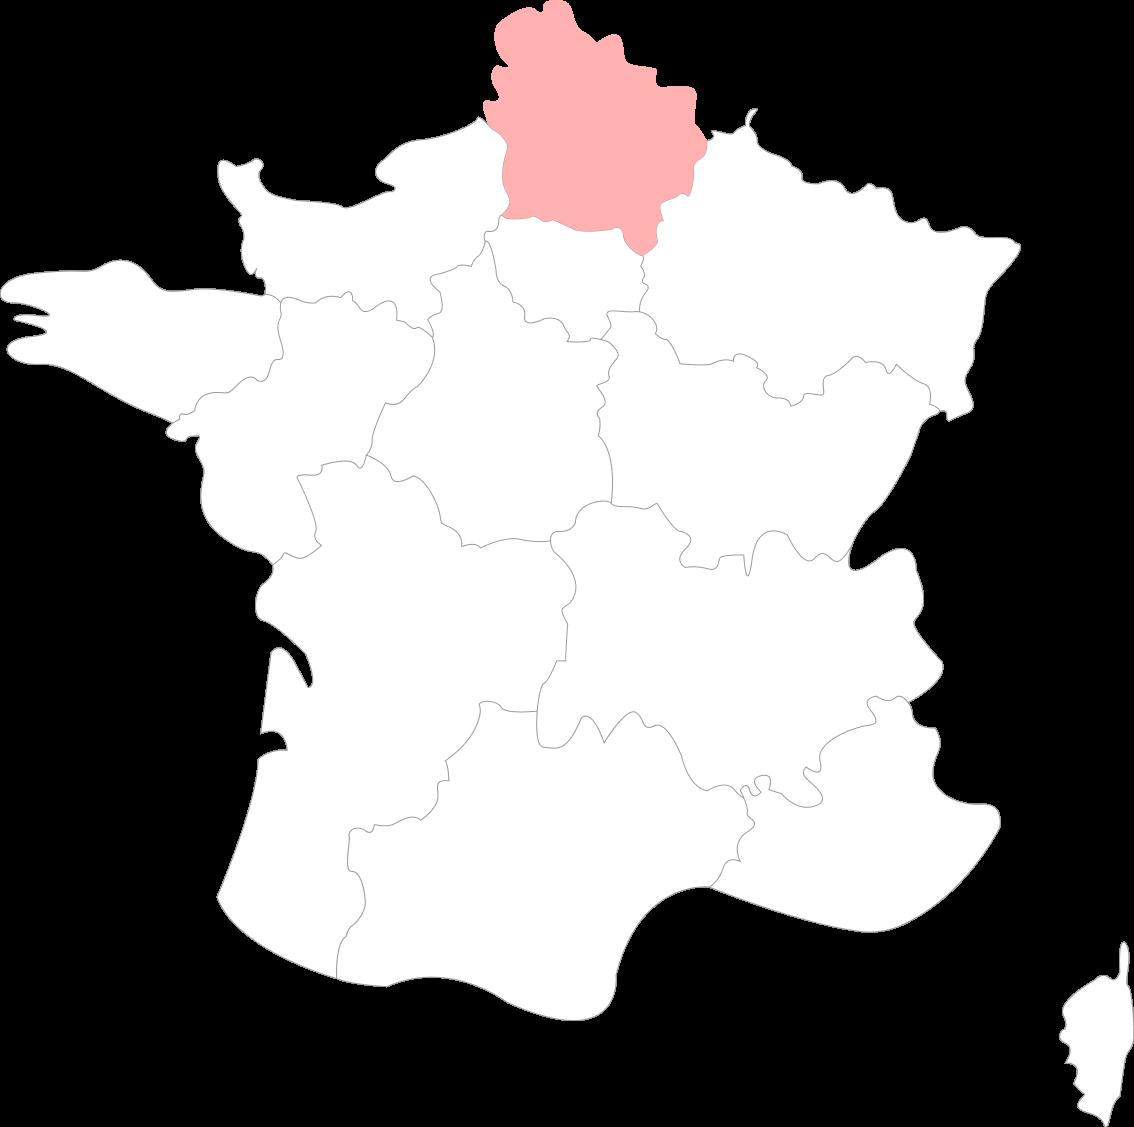 Carte des Hauts-de-France